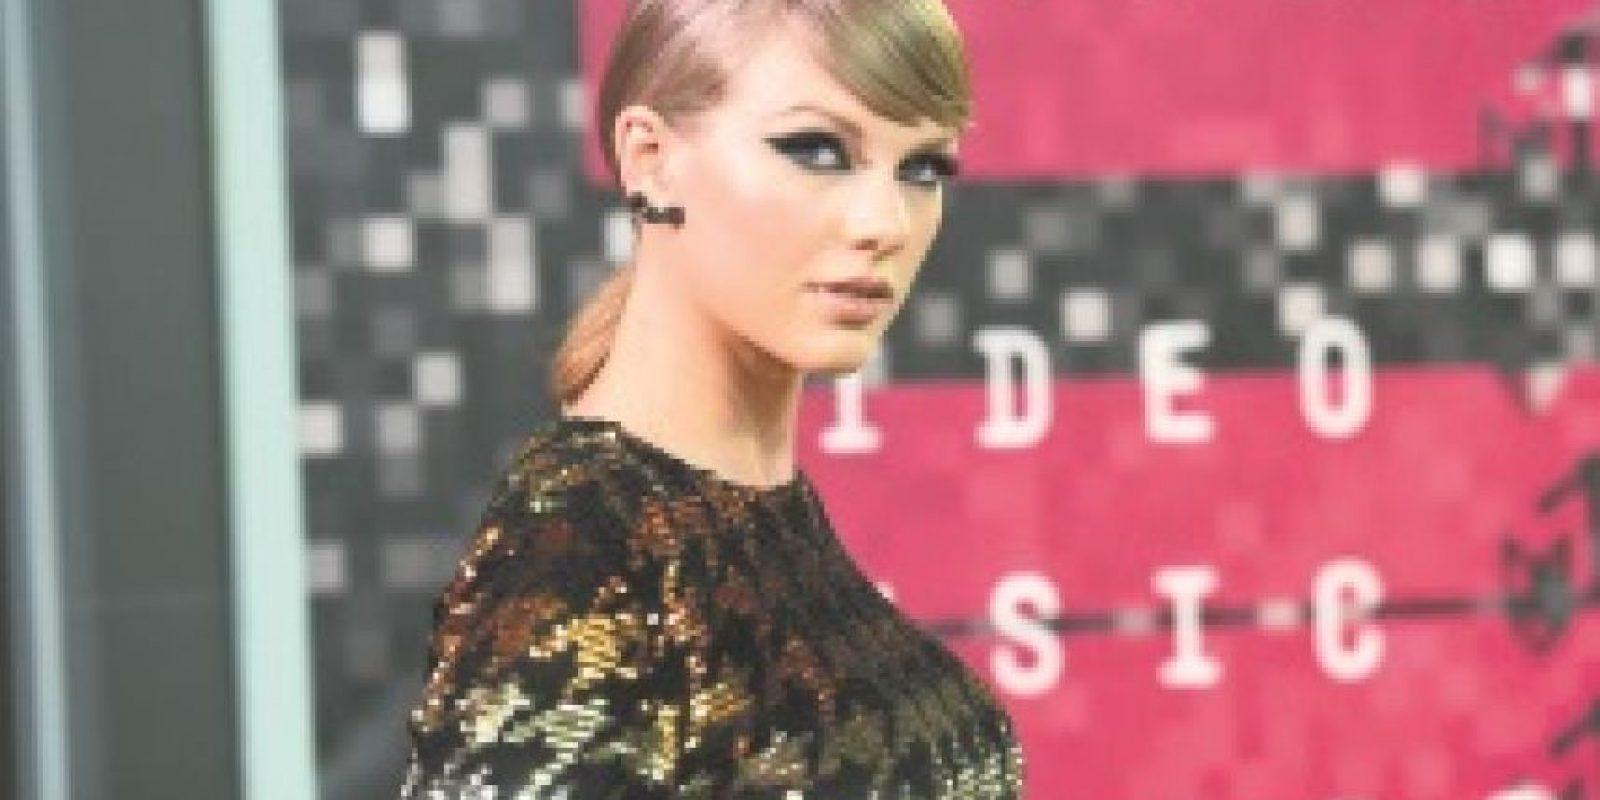 """Taylor Swift. La cantante pop estadounidense es una de las figuras del entretenimiento con más influencia al nivel mundial, sólo en Instagram tiene más de 58 millones de seguidores. La música y la moda son sólo una de las facetas de la estrella, quien en 2014 abrazó el feminismo gracias a su amiga, la escritora y productora Lena Dunham. En una entrevista para la revista Maxim, Taylor dijo: """"La misoginia viene incrustada en la gente desde que nacieron. Así que para mí el feminismo es probablemente el movimiento más importante que podemos acoger porque básicamente es otra palabra para equidad"""". Foto:Fuente Externa"""